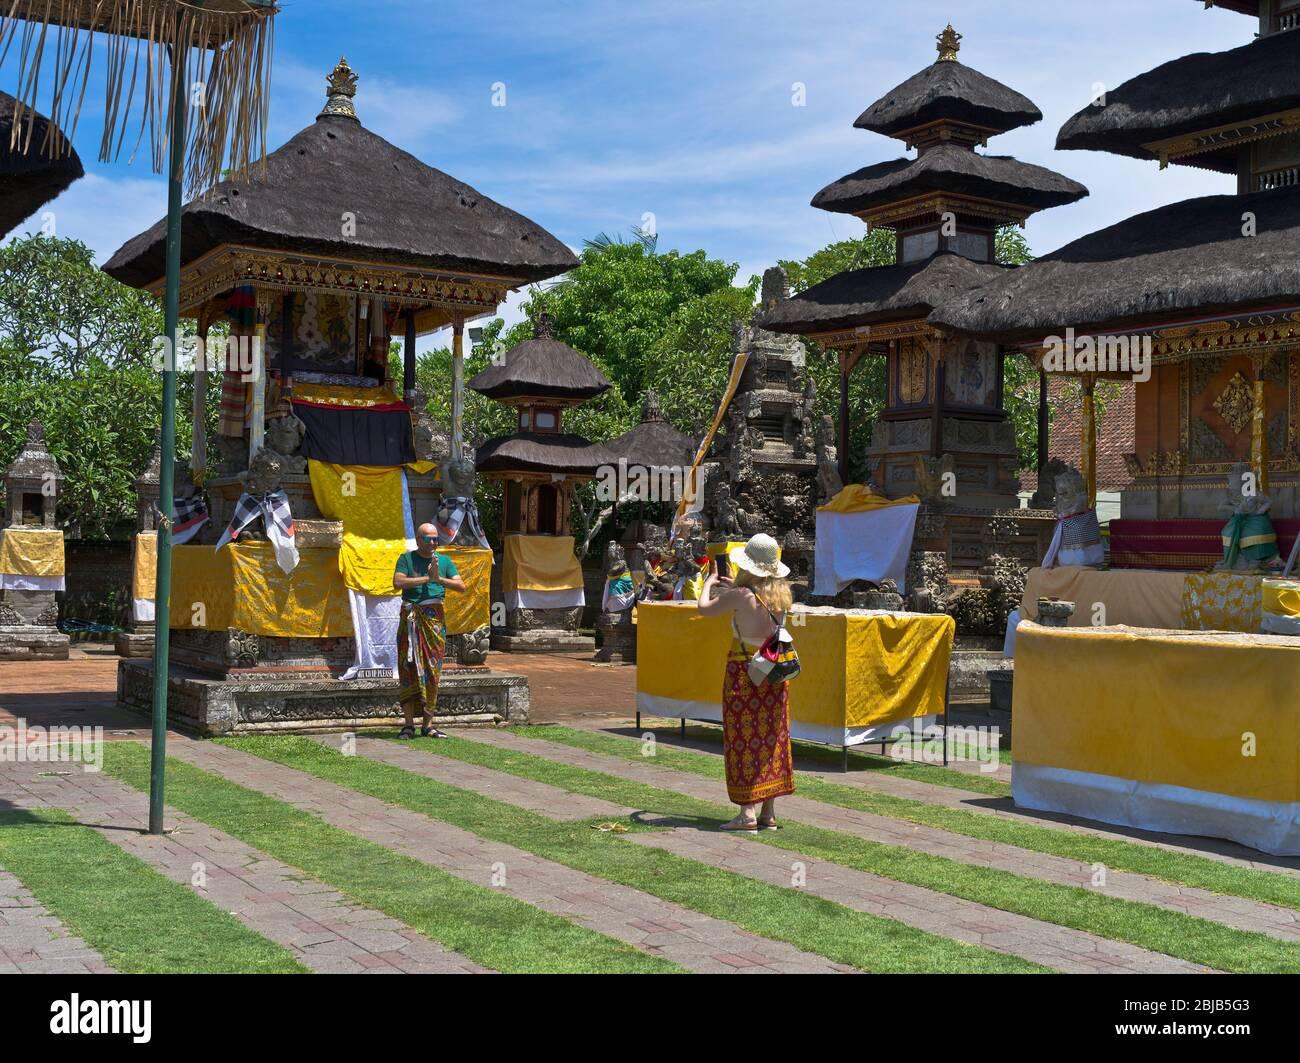 dh Balinese temple Batuan BALI INDONÉSIE temples hindous photos de touristes code vestimentaire traditionnel hindouisme sanctuaire intérieur indonésien Banque D'Images